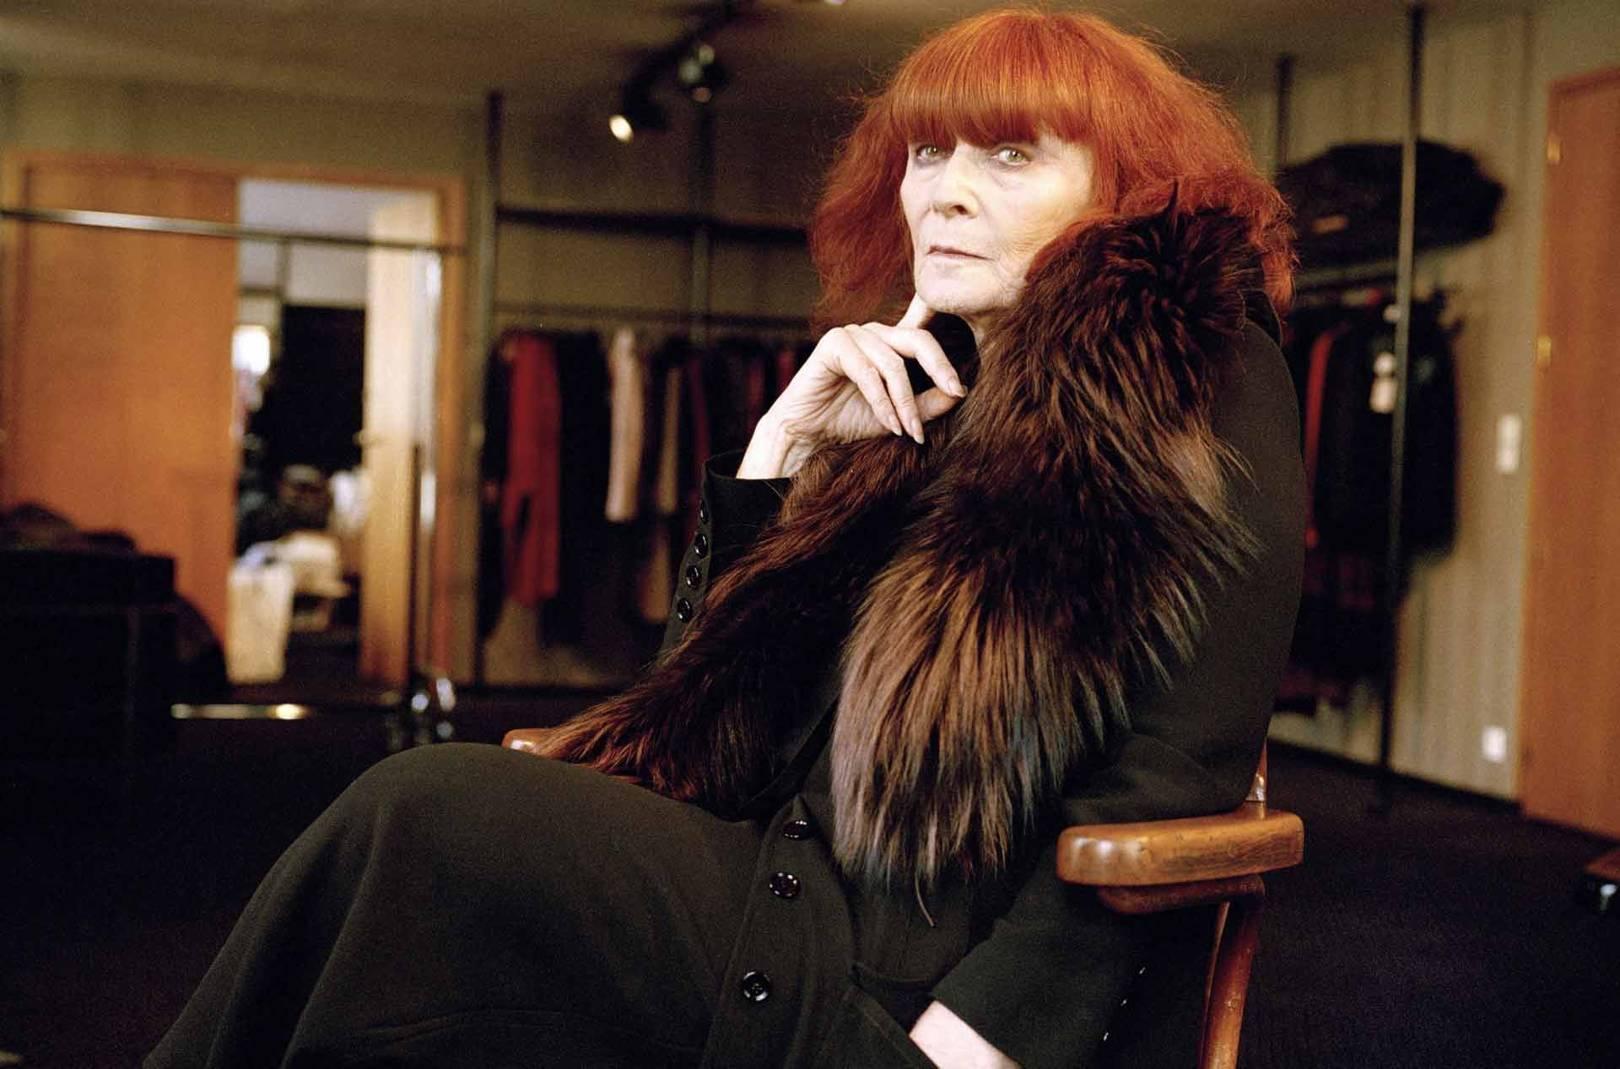 9d328e384 Sonia Rykiel has died aged 86 | British GQ